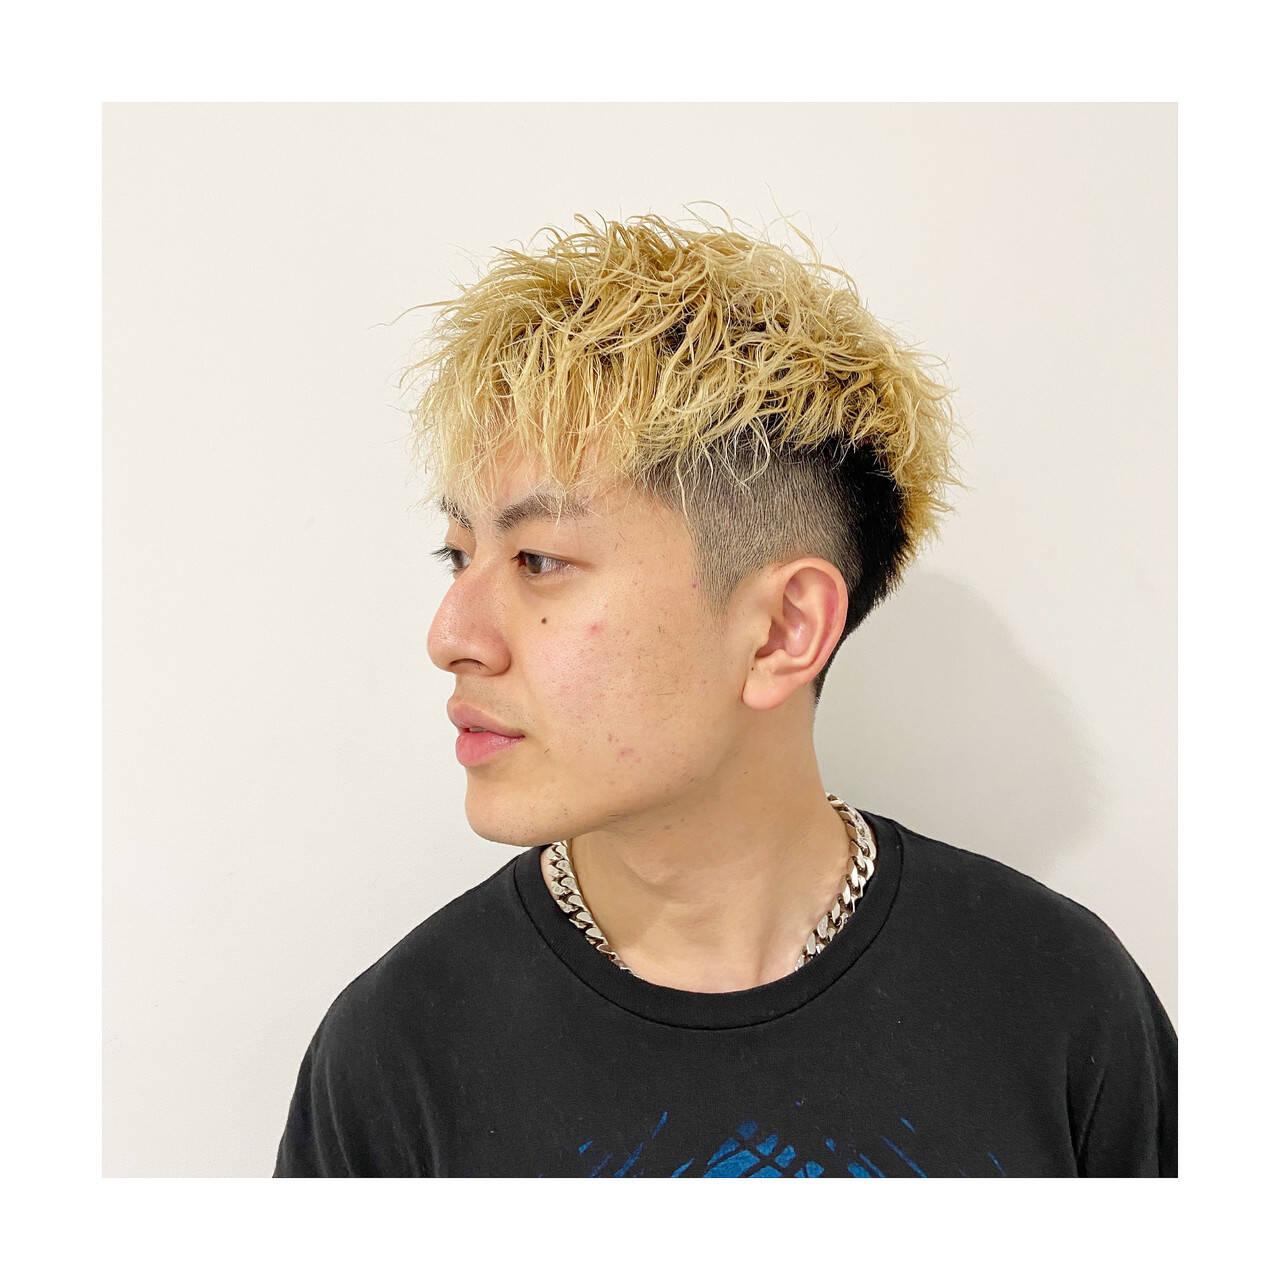 ストリート メンズパーマ メンズヘア ショートヘアスタイルや髪型の写真・画像